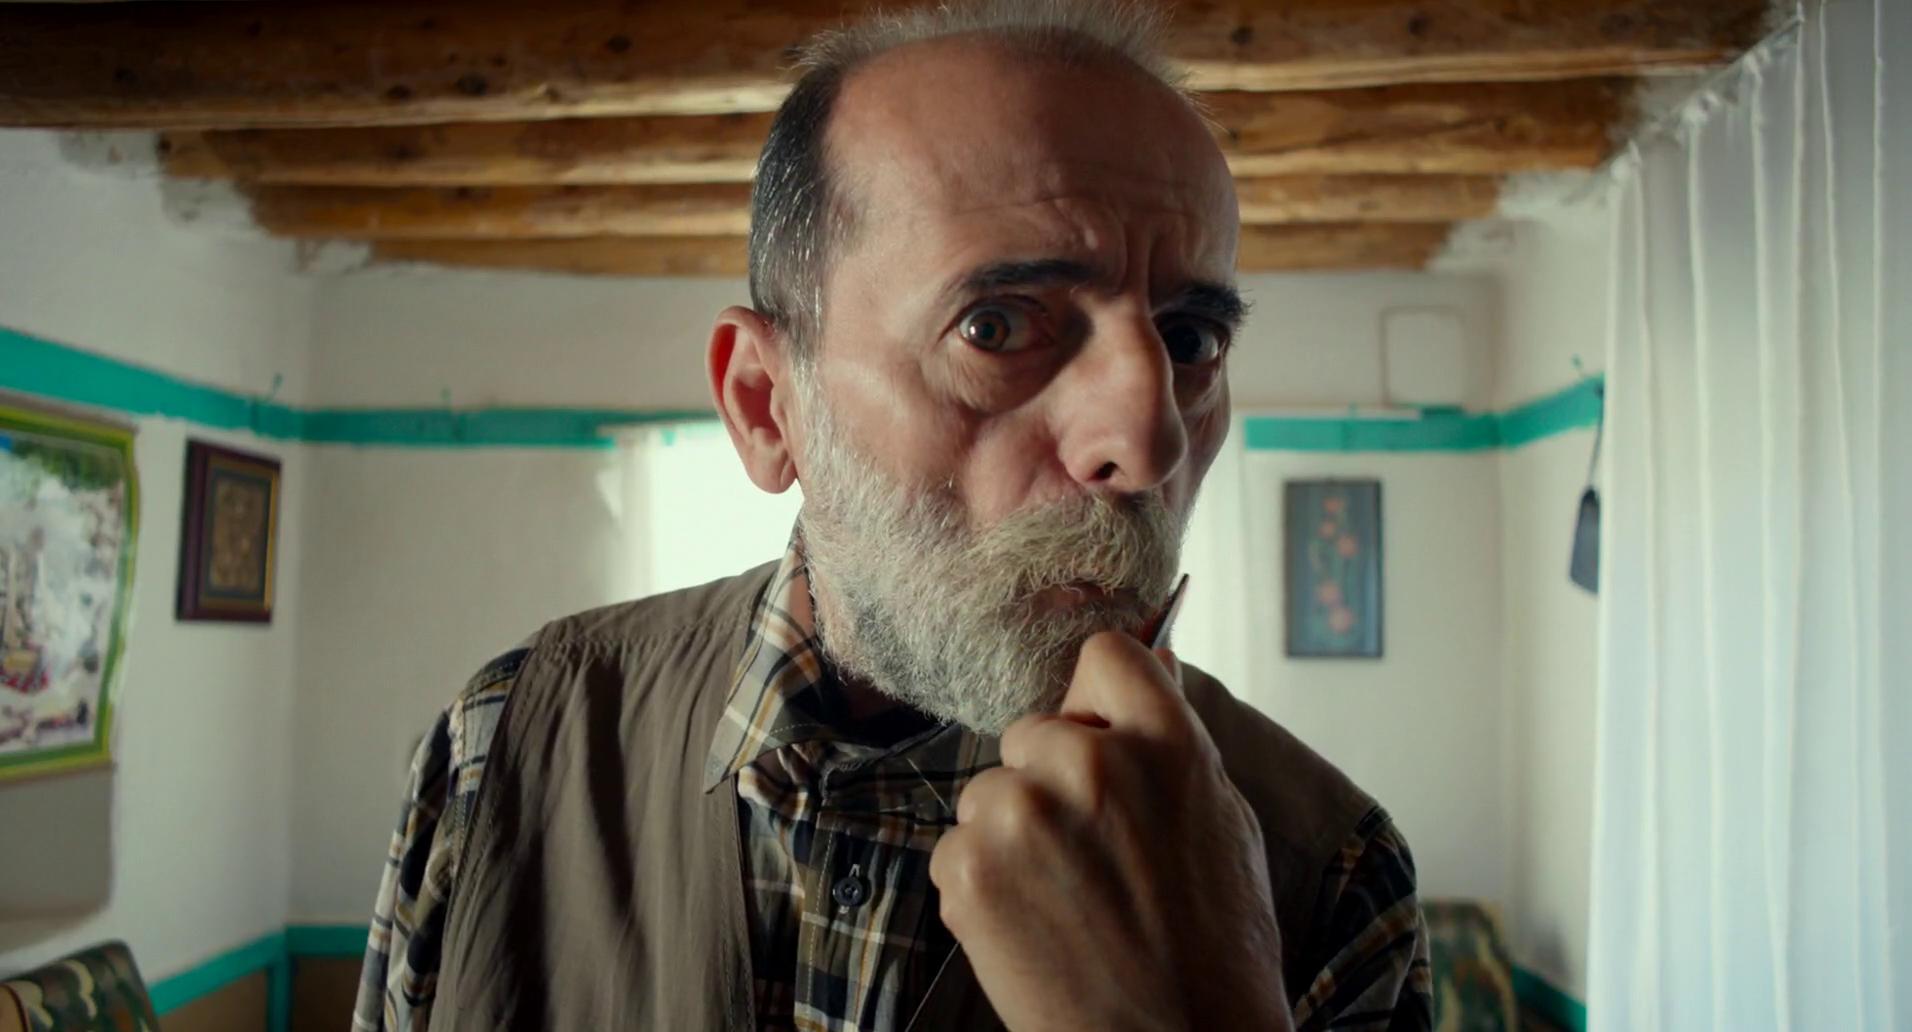 Ve Panayır Köyden Gider 2016 ( WEB-DL 720p) SANSÜRSÜZ Yerli Film - indir